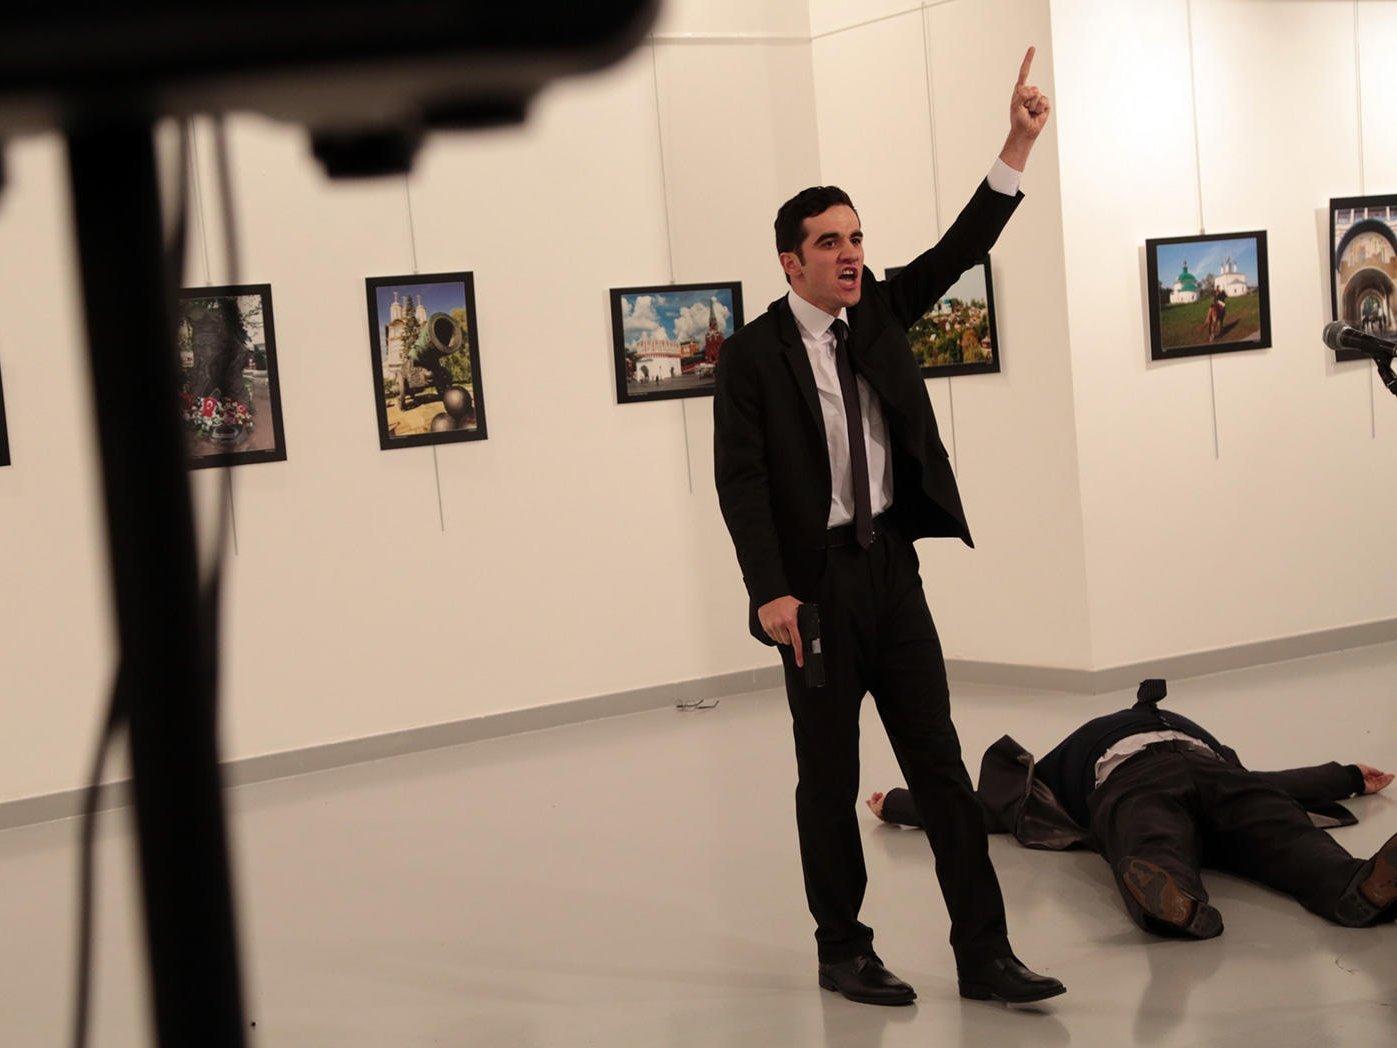 Служба в милиции изменила религиозные взгляды убийцы Андрея Карлова